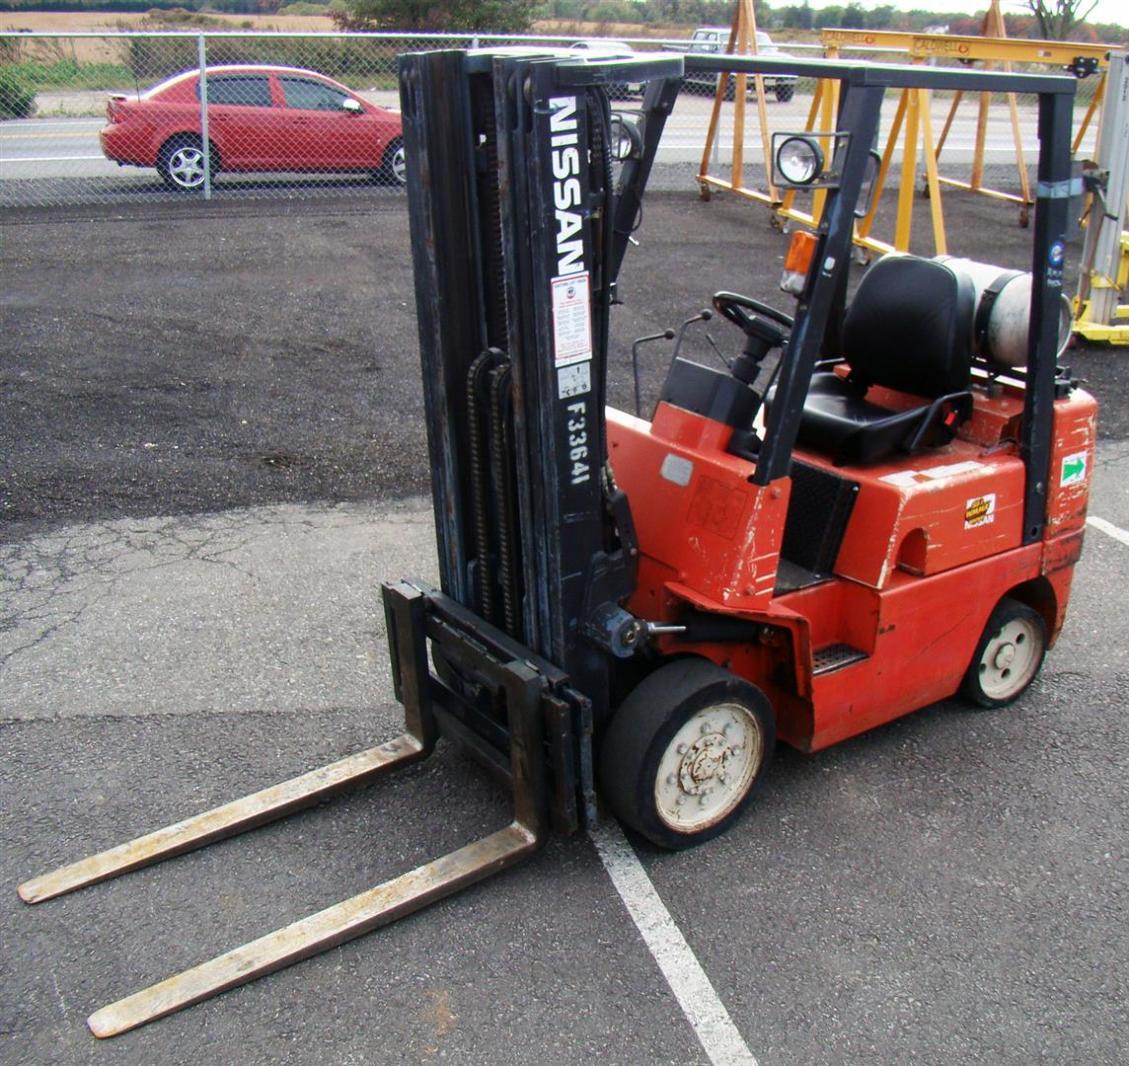 Nissan 50 4,400# LP Forklift Model CPJ02A25PV